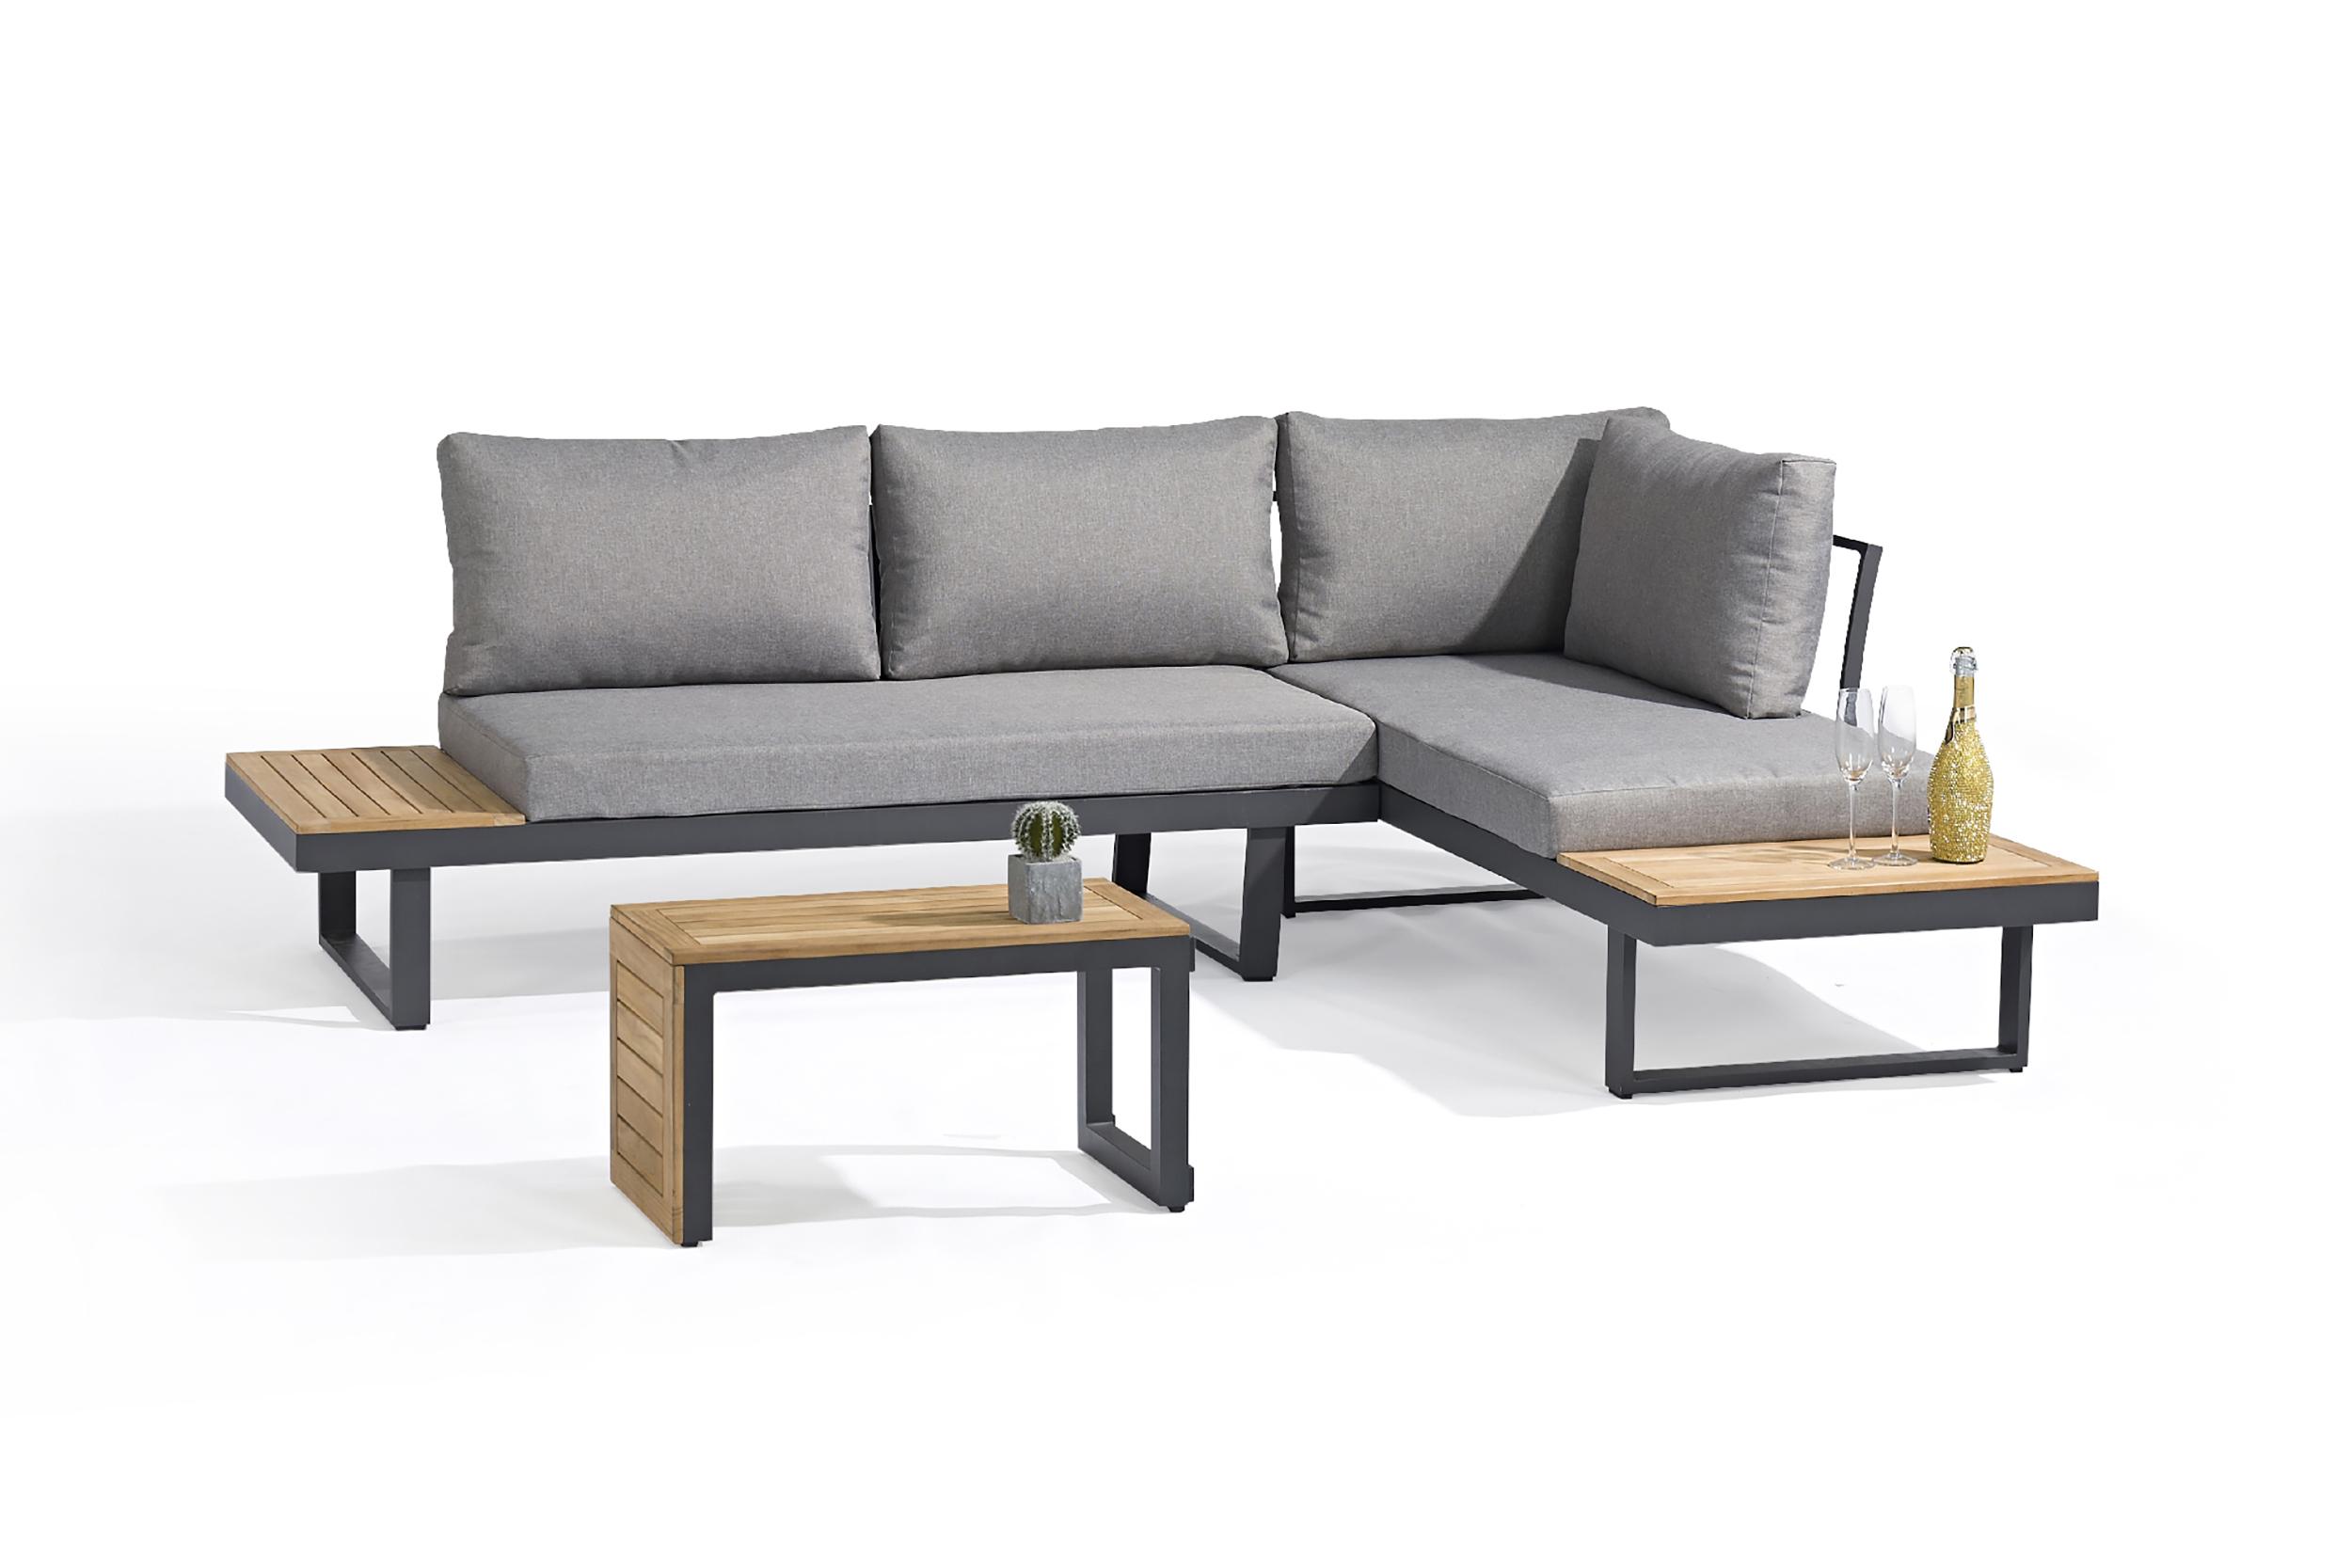 Salon de jardin modulable 4 places en bois d'acacia et aluminium gris